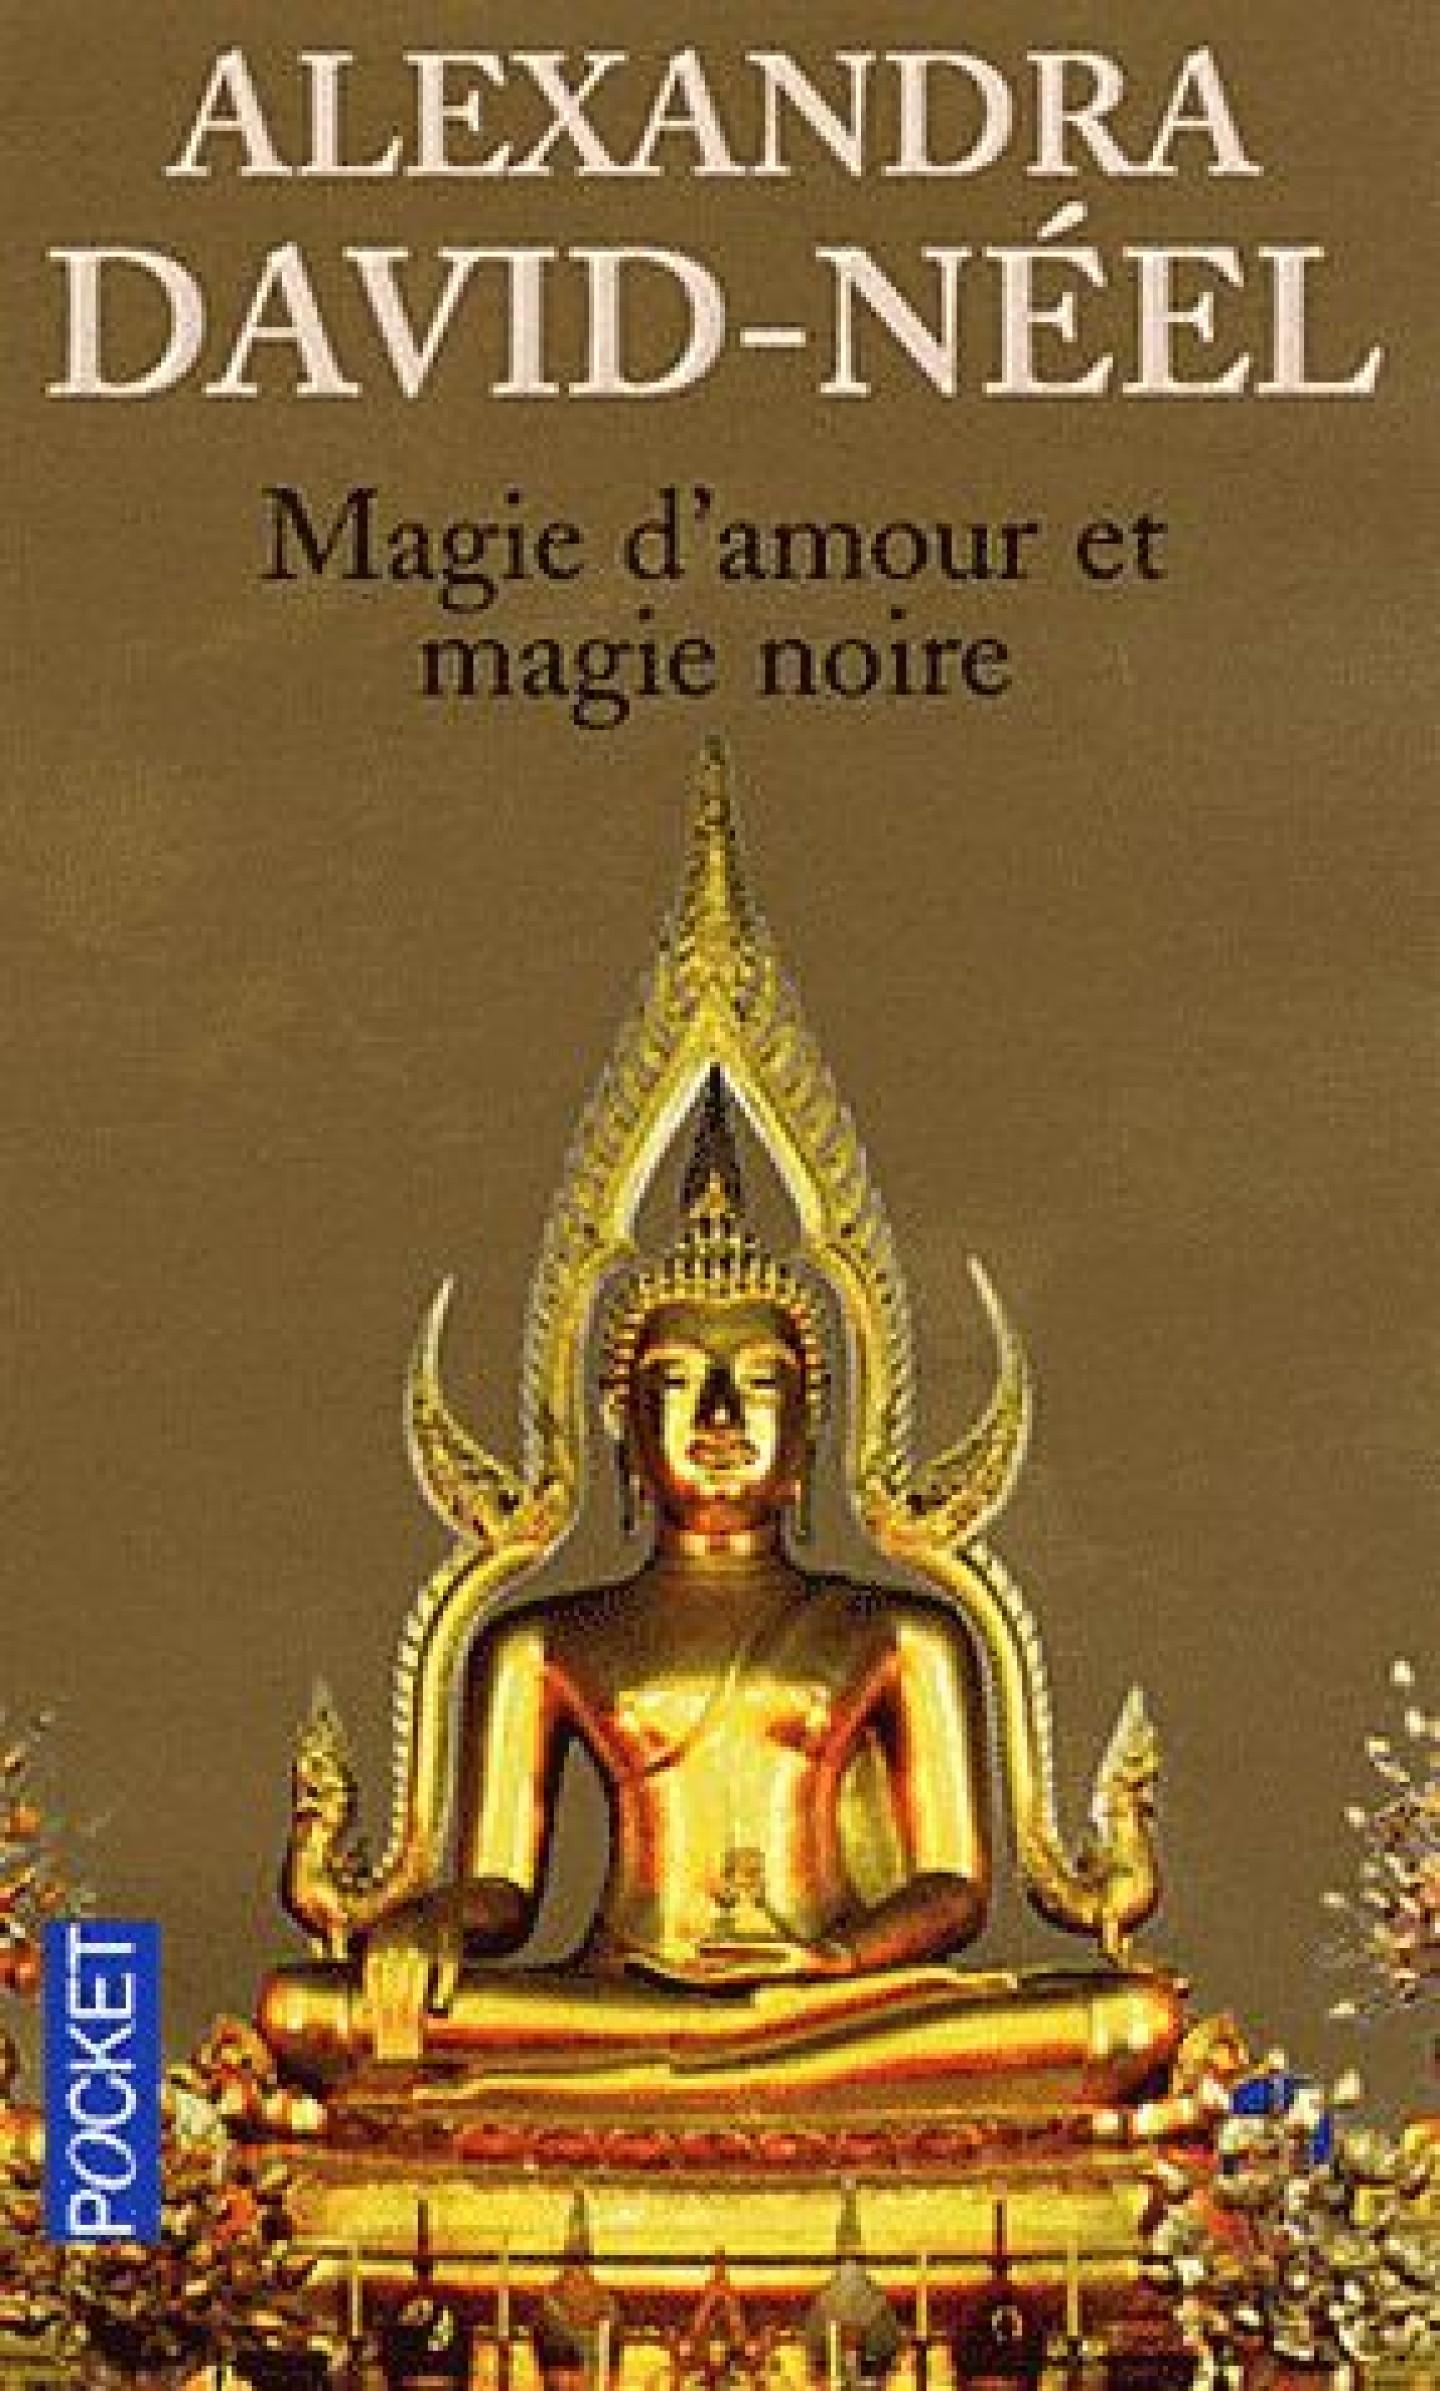 Magie d'amour et magie noire - Alexandra David Néel